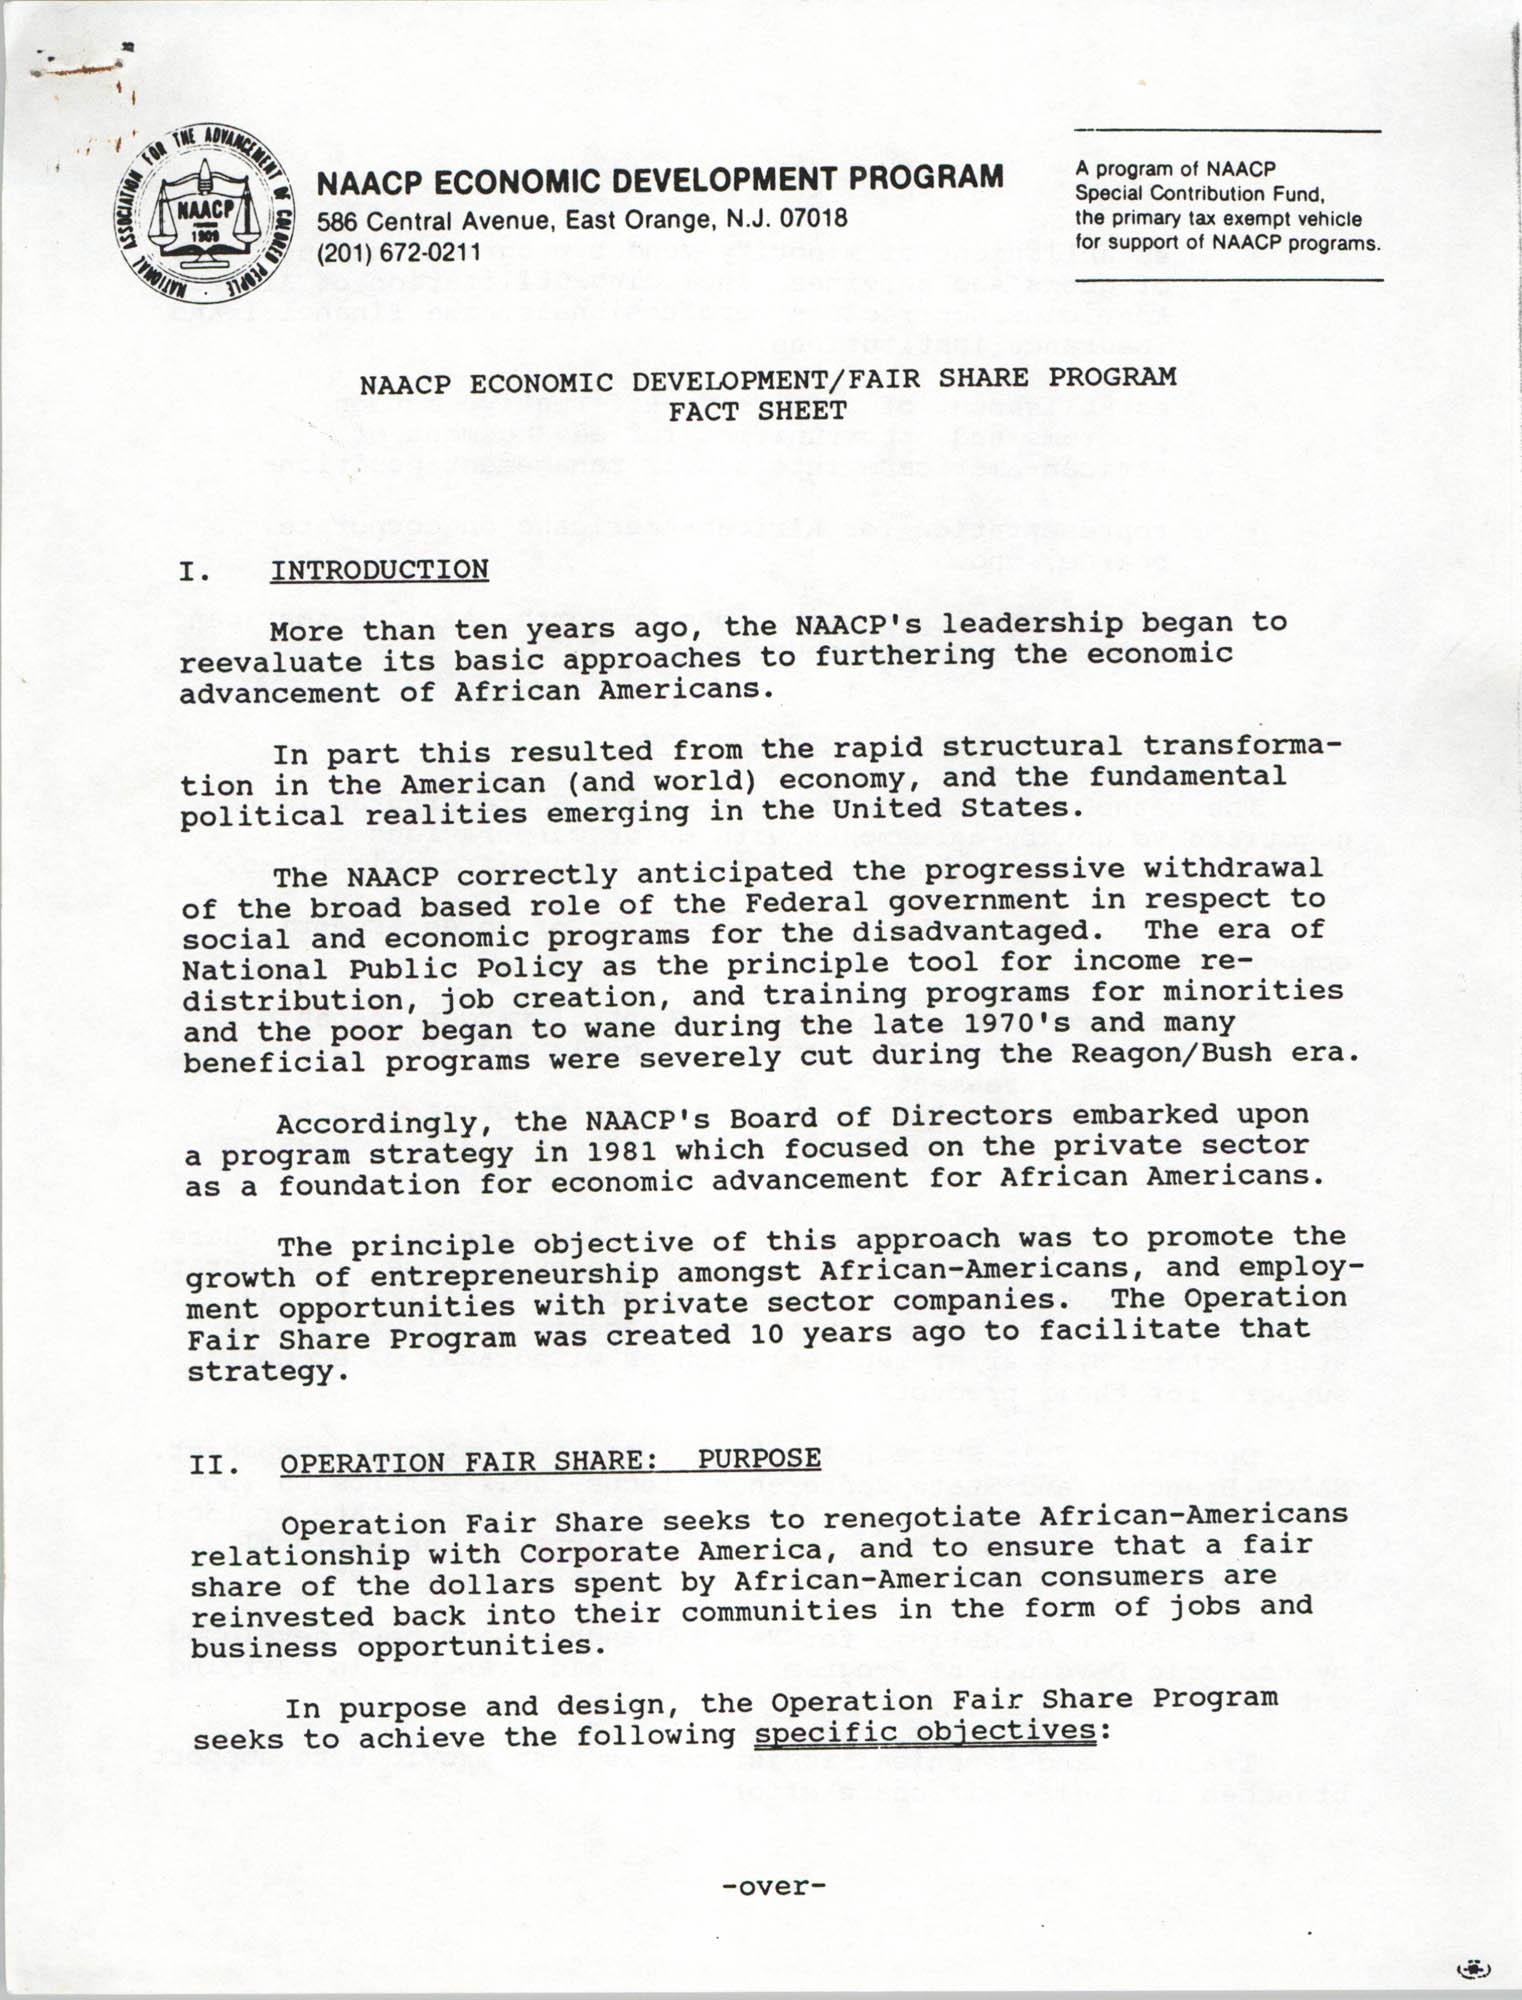 NAACP Economic Development Program and Fair Share Program Fact Sheet